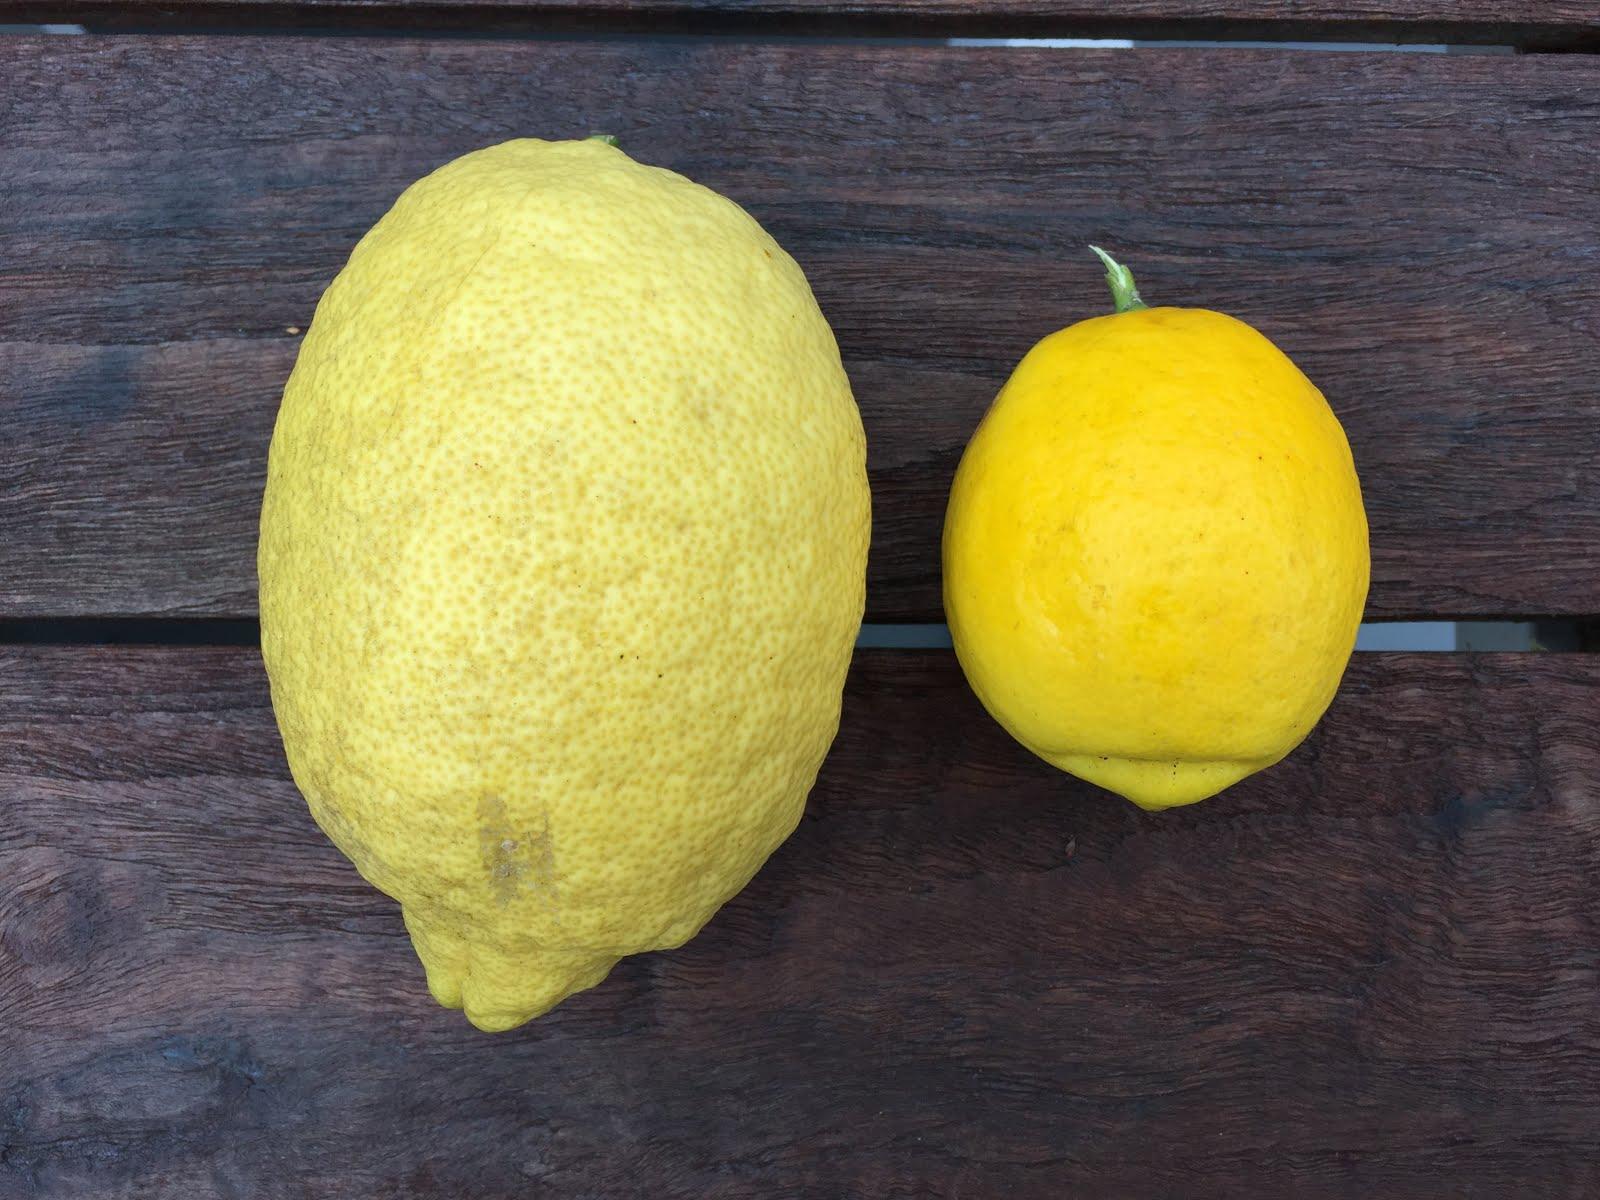 citrus enthusiast meyer lemons vs regular lemons